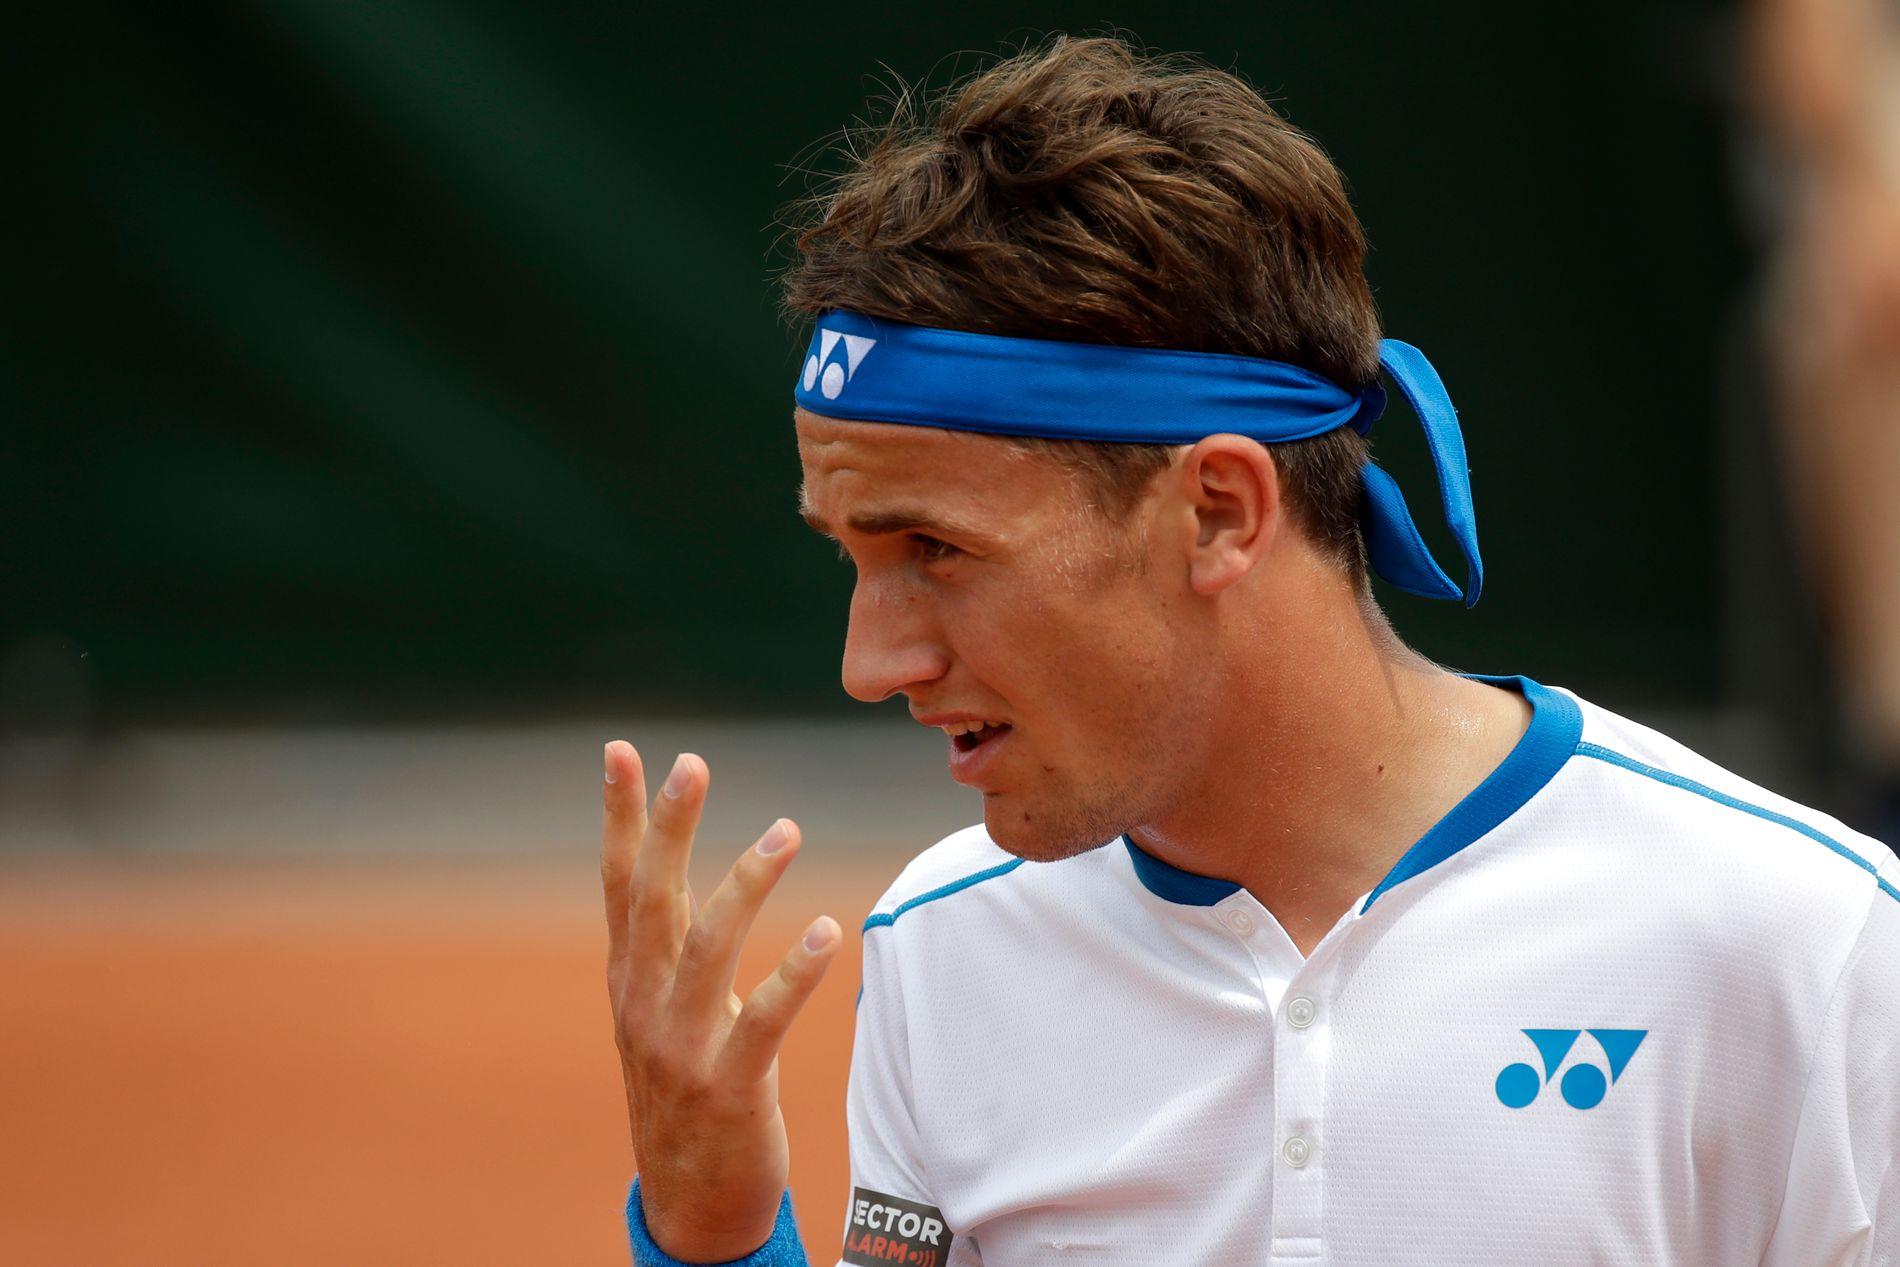 INGEN FINALE: Casper Ruud måtte tåle semifinaletap i Las Vegas. Dette bildet er fra French Open tidligere i år.